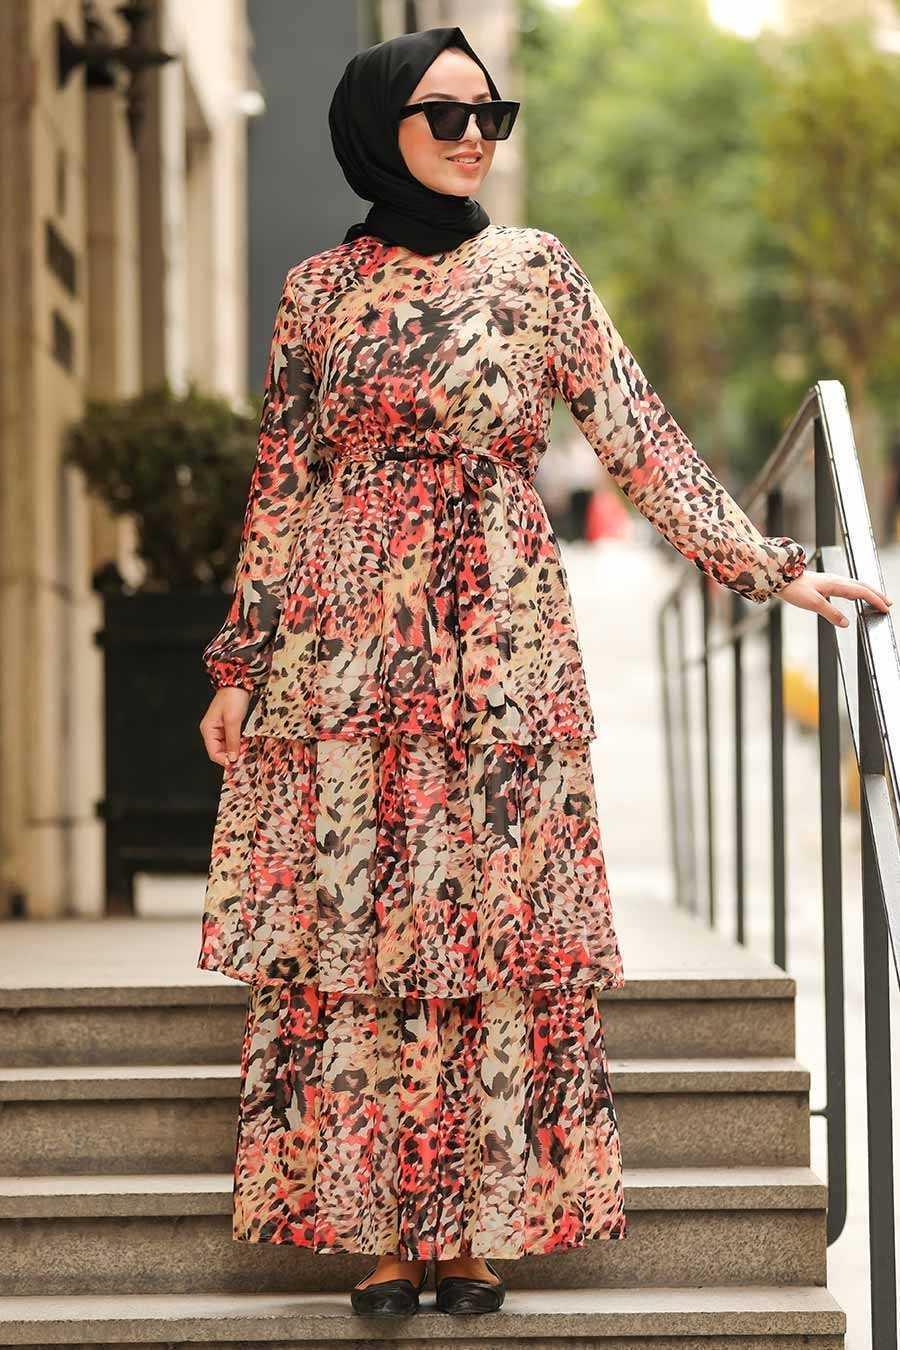 En Şık Neva Style Desenli Elbise Modelleri